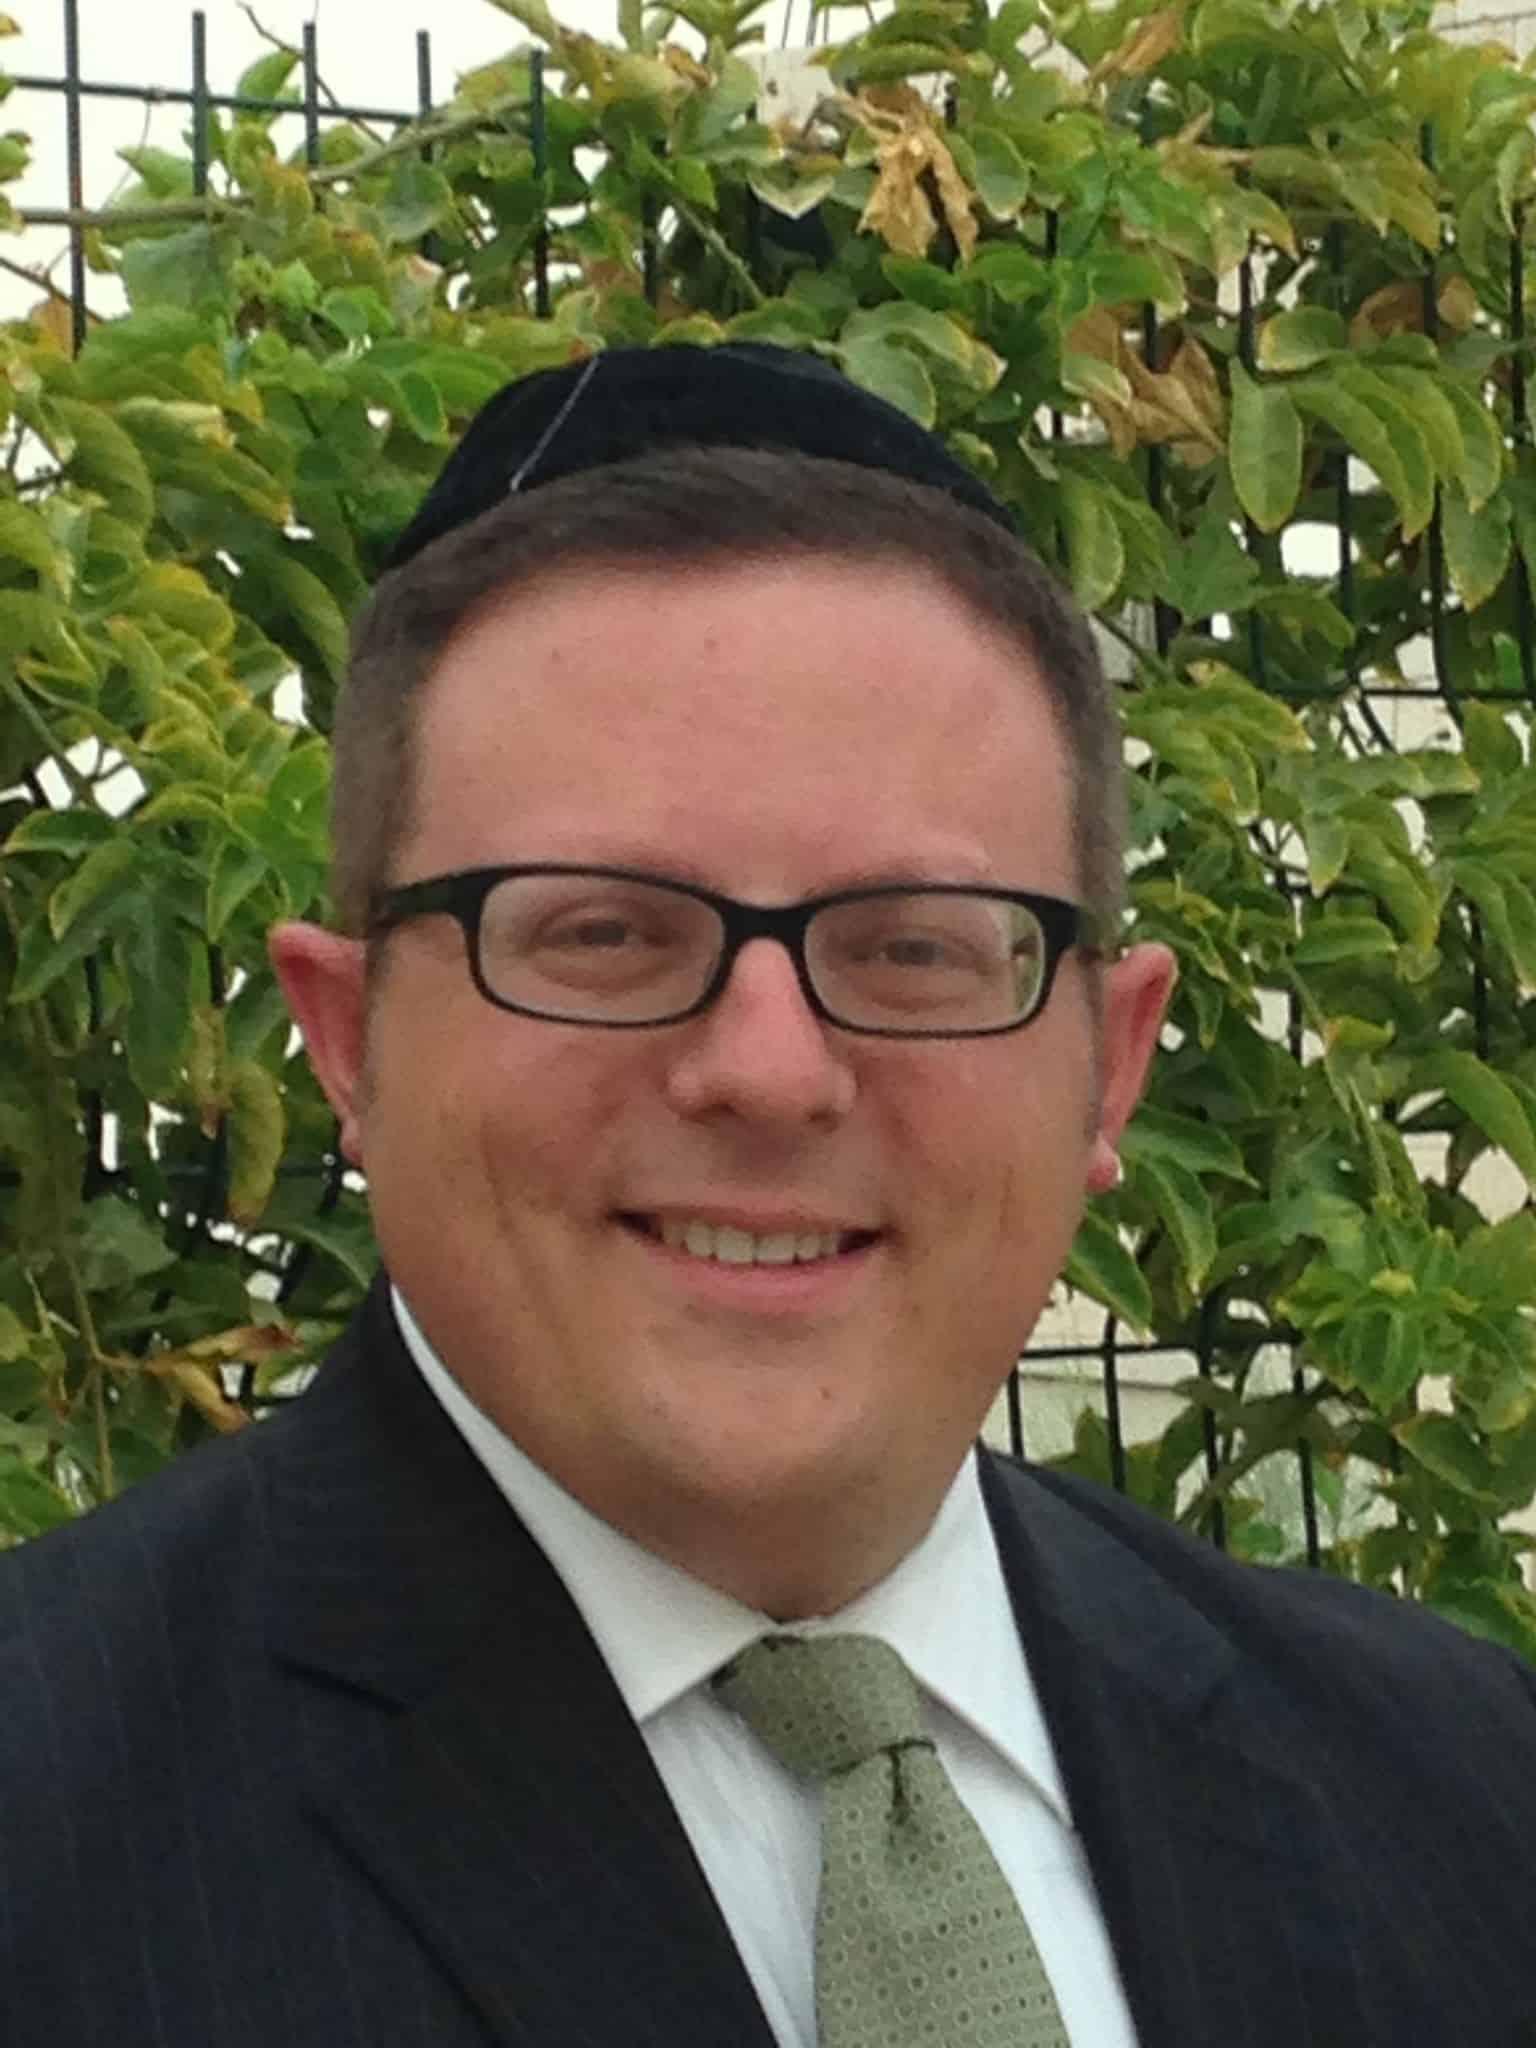 Rabbi Uri Pilichowski